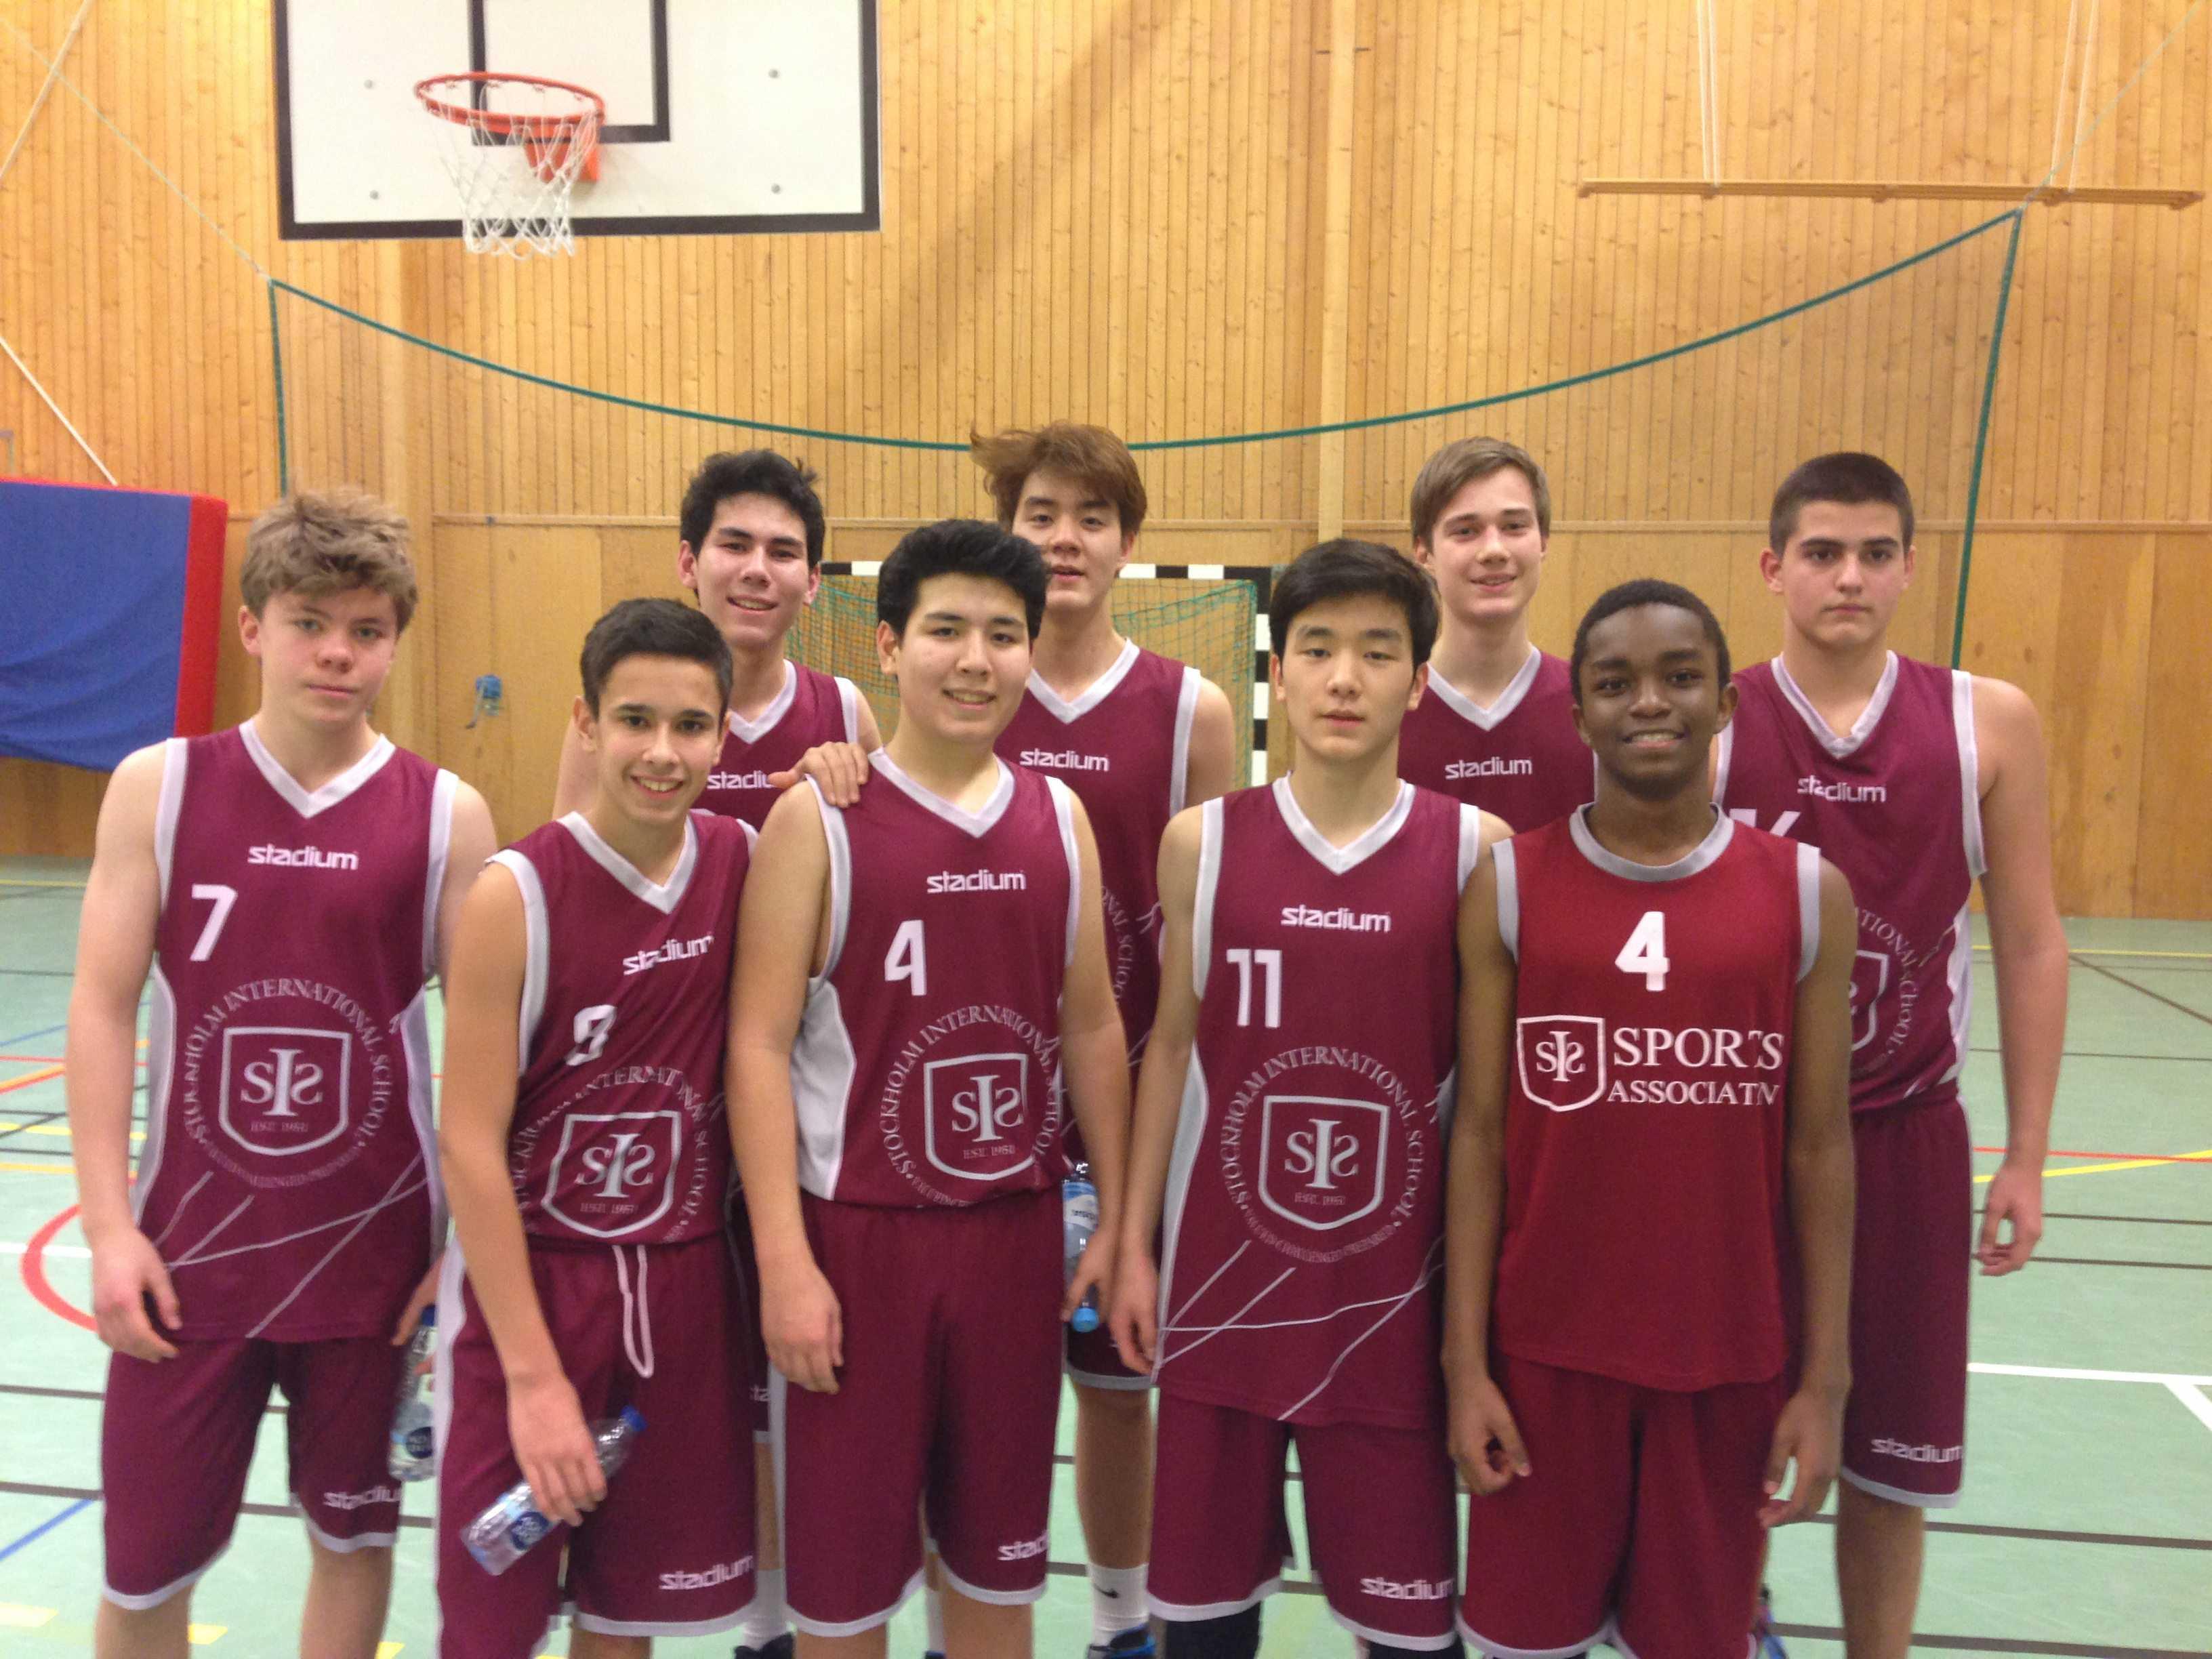 Senior Boys team at Sigtuna